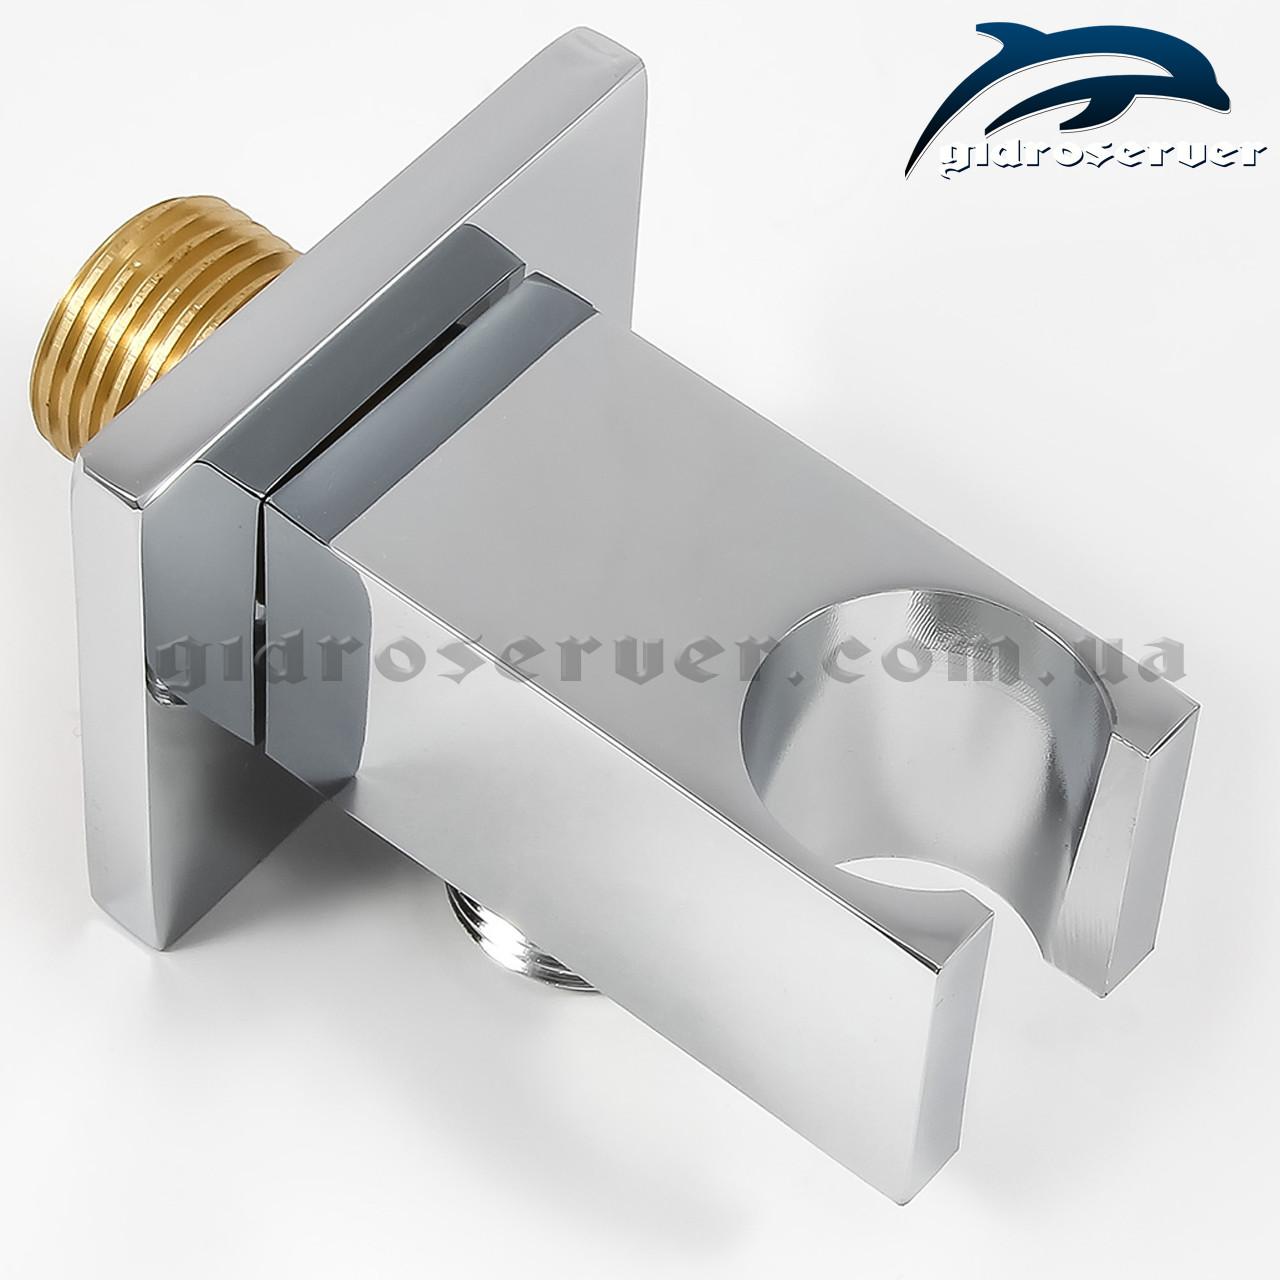 Шланговое подключение с держателем для лейки ручного душа UD-15.